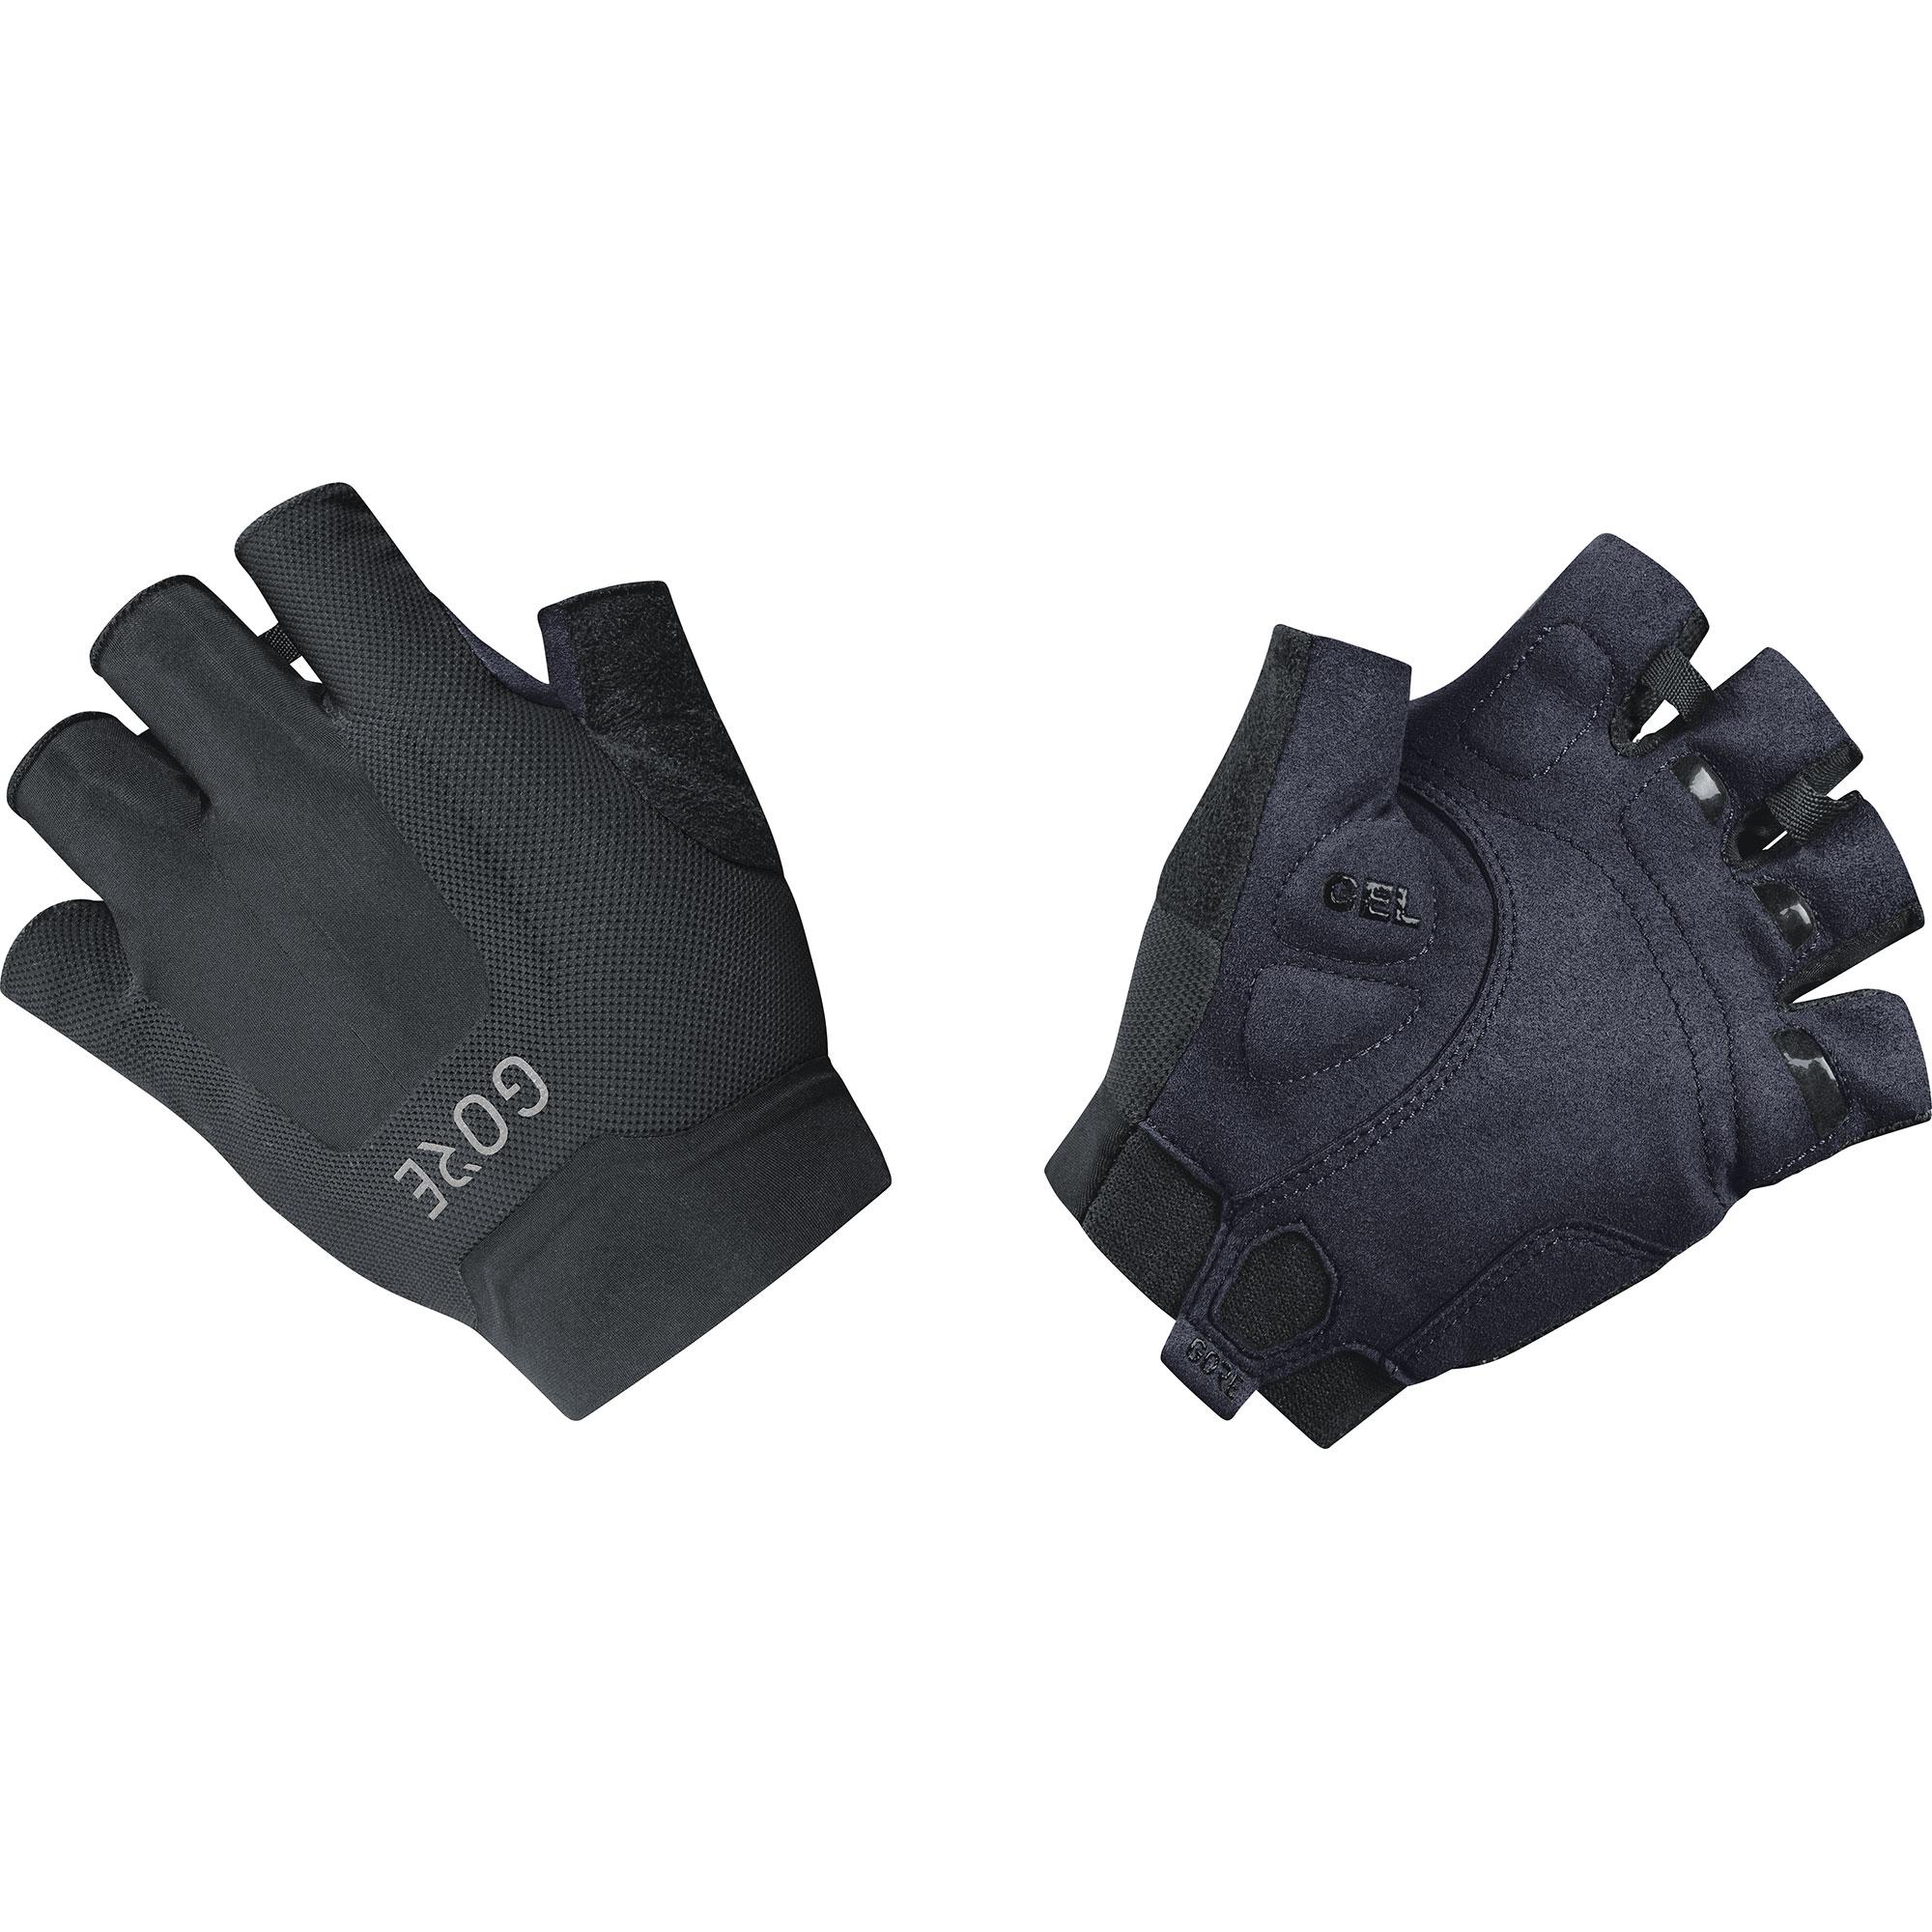 GORE C5 Short Finger Gloves